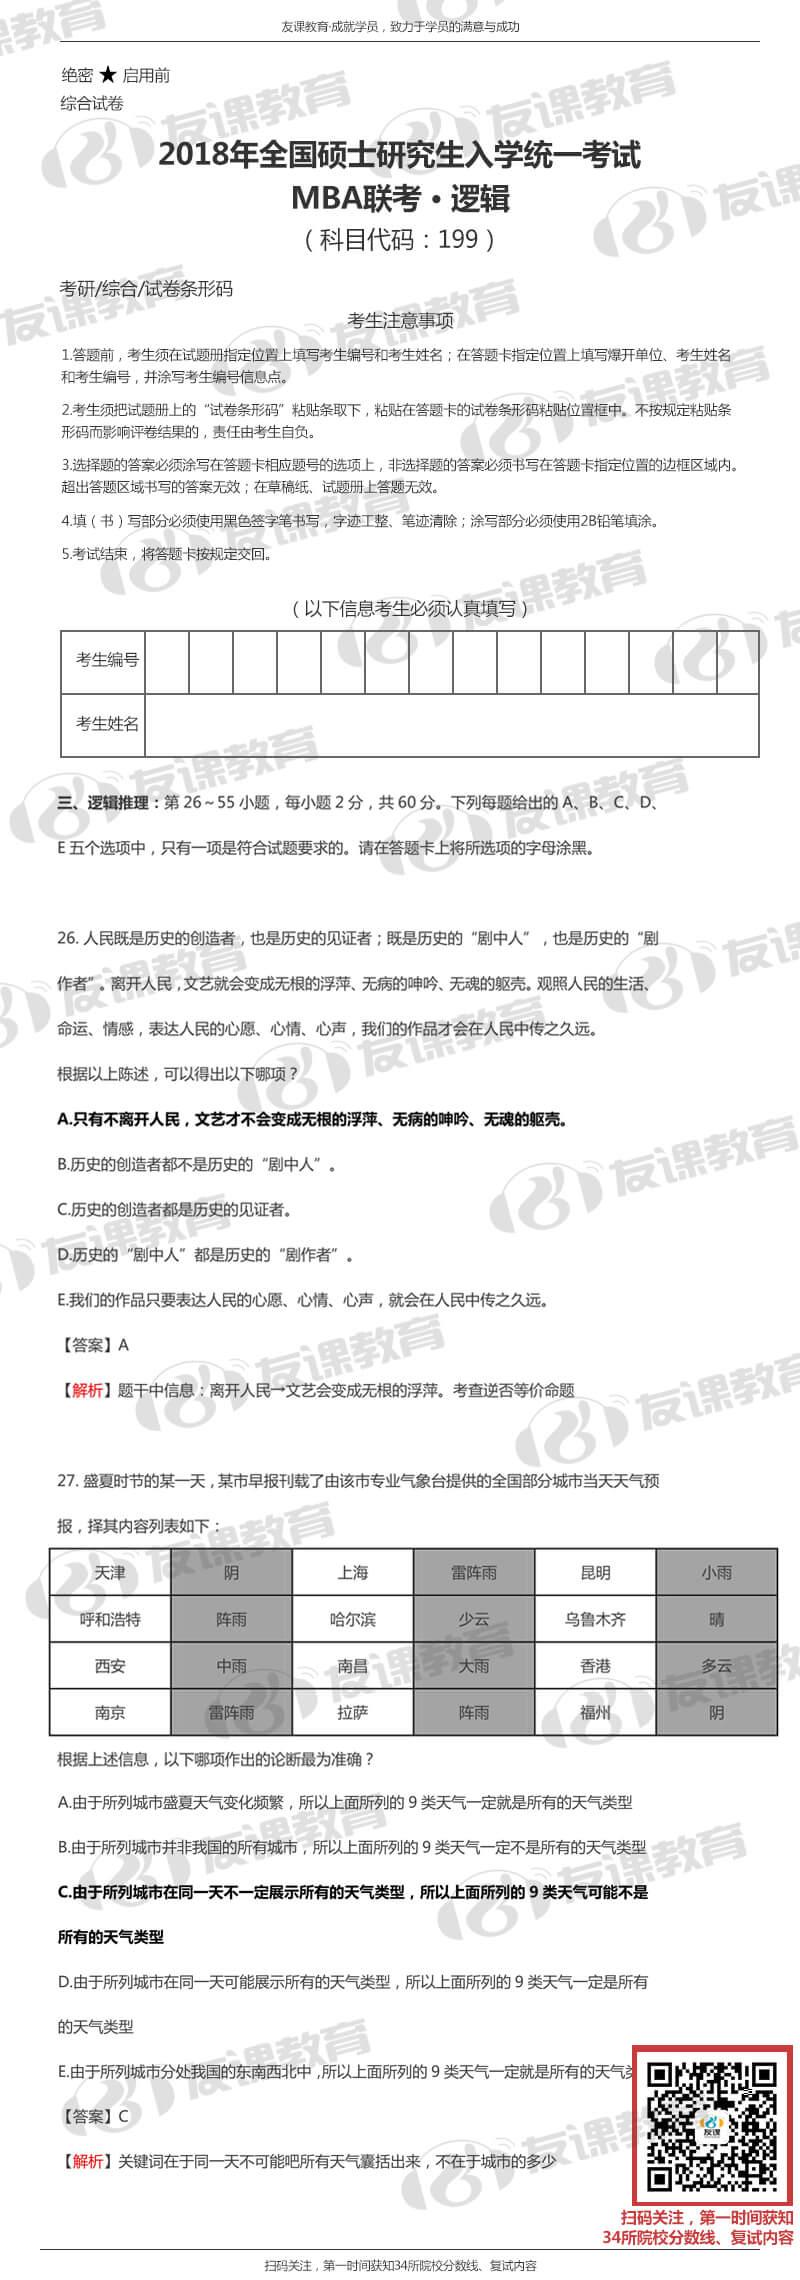 2018MBA联考逻辑真题及解析1(友课教育版).jpg